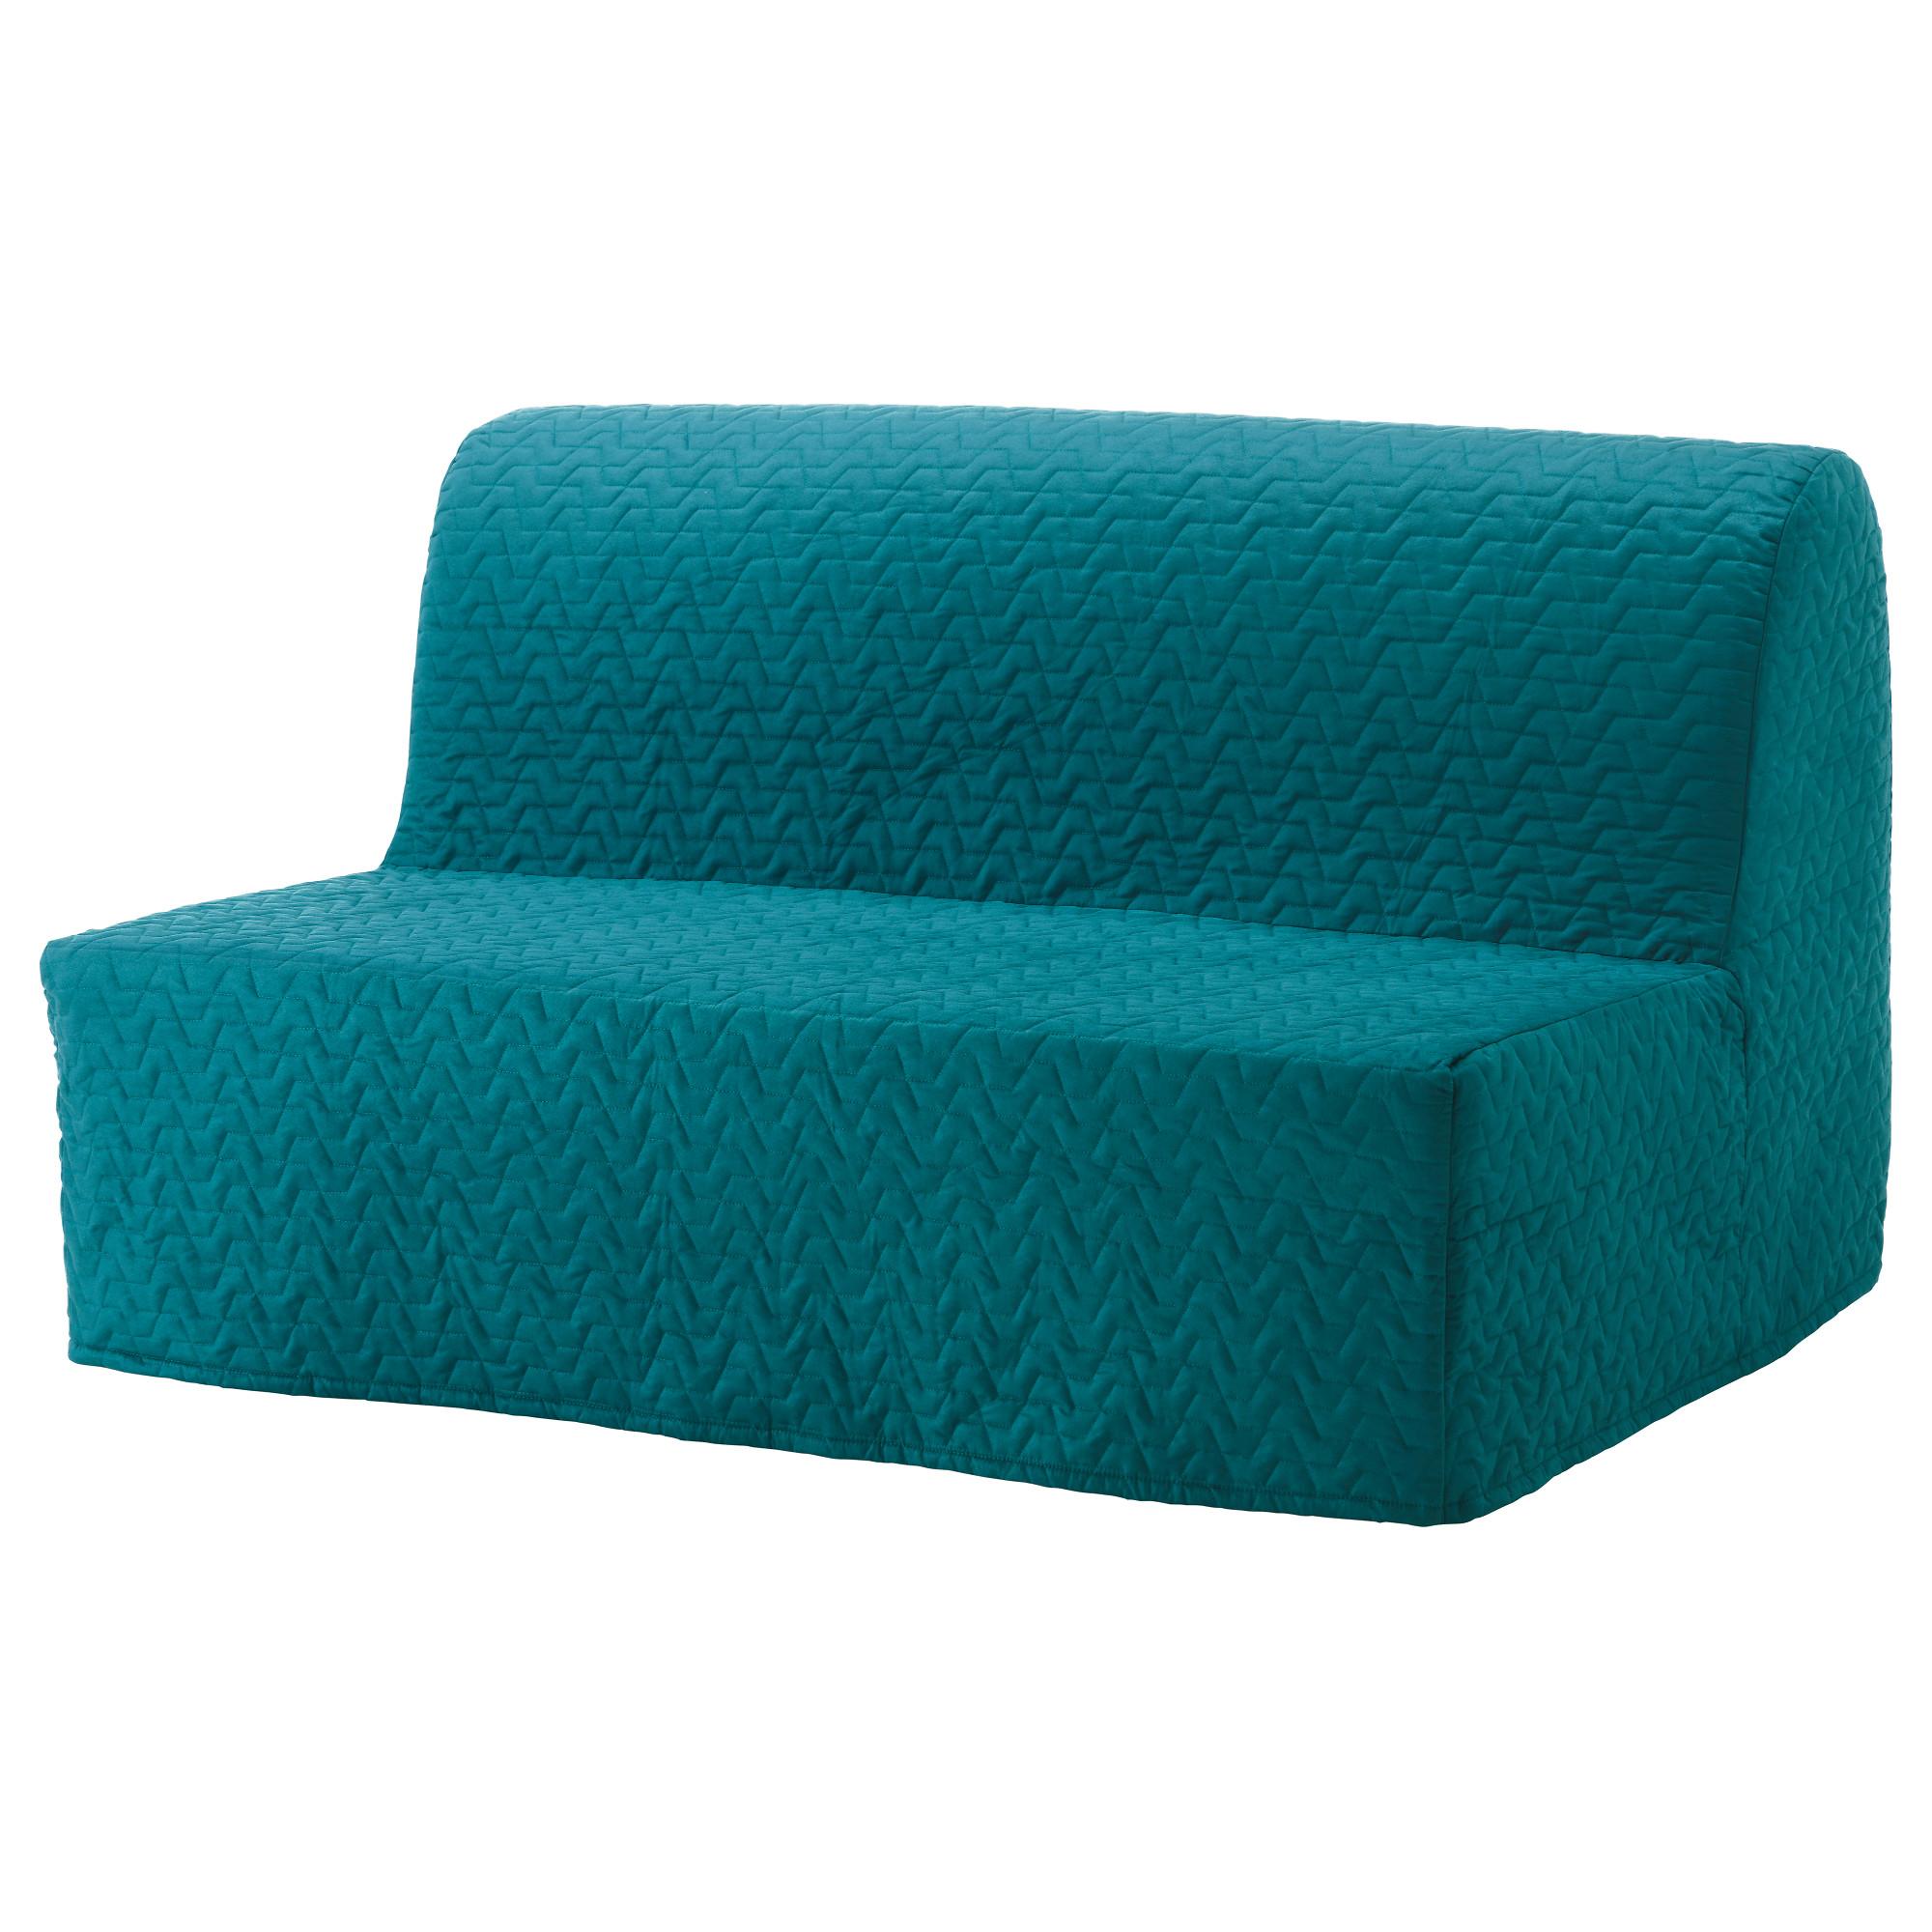 2-местный диван-кровать ЛИКСЕЛЕ ХОВЕТ бирюзовый артикуль № 092.824.15 в наличии. Online сайт IKEA РБ. Недорогая доставка и монтаж.